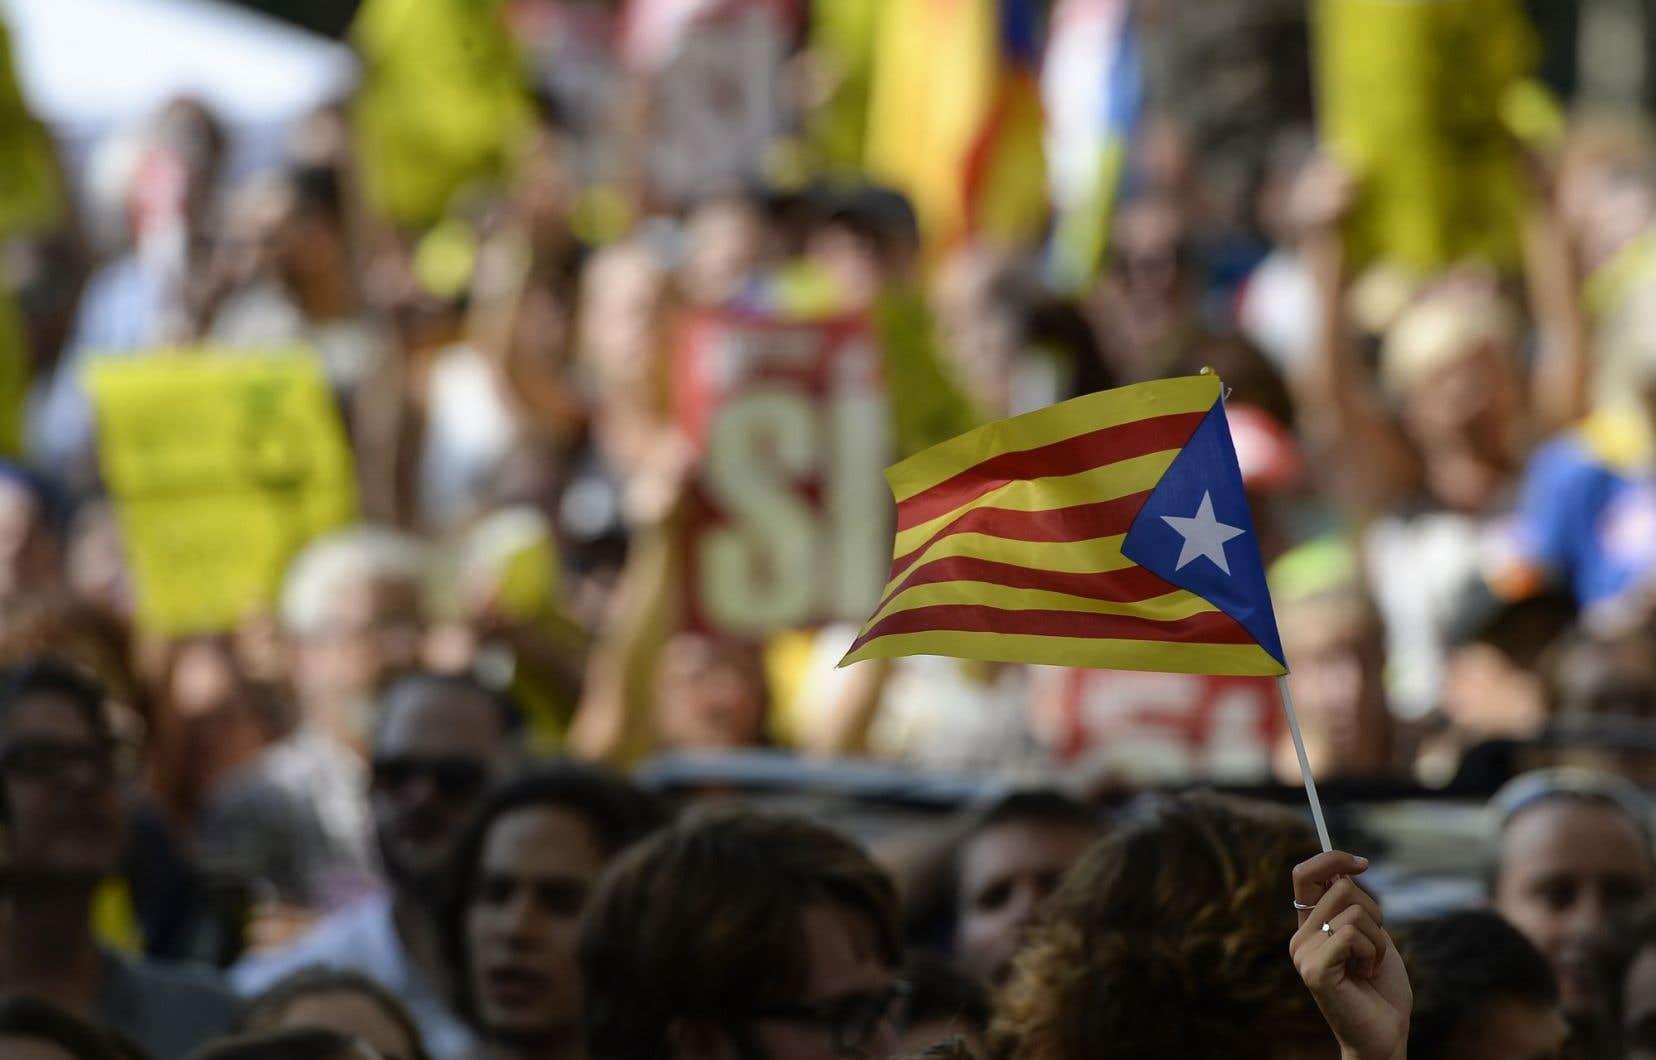 Ni Philippe Couillard ni la ministre des Relations internationales, Christine St-Pierre, n'ont condamné jusqu'ici les assauts de Madrid contre le référendum sur l'indépendance de la Catalogne.